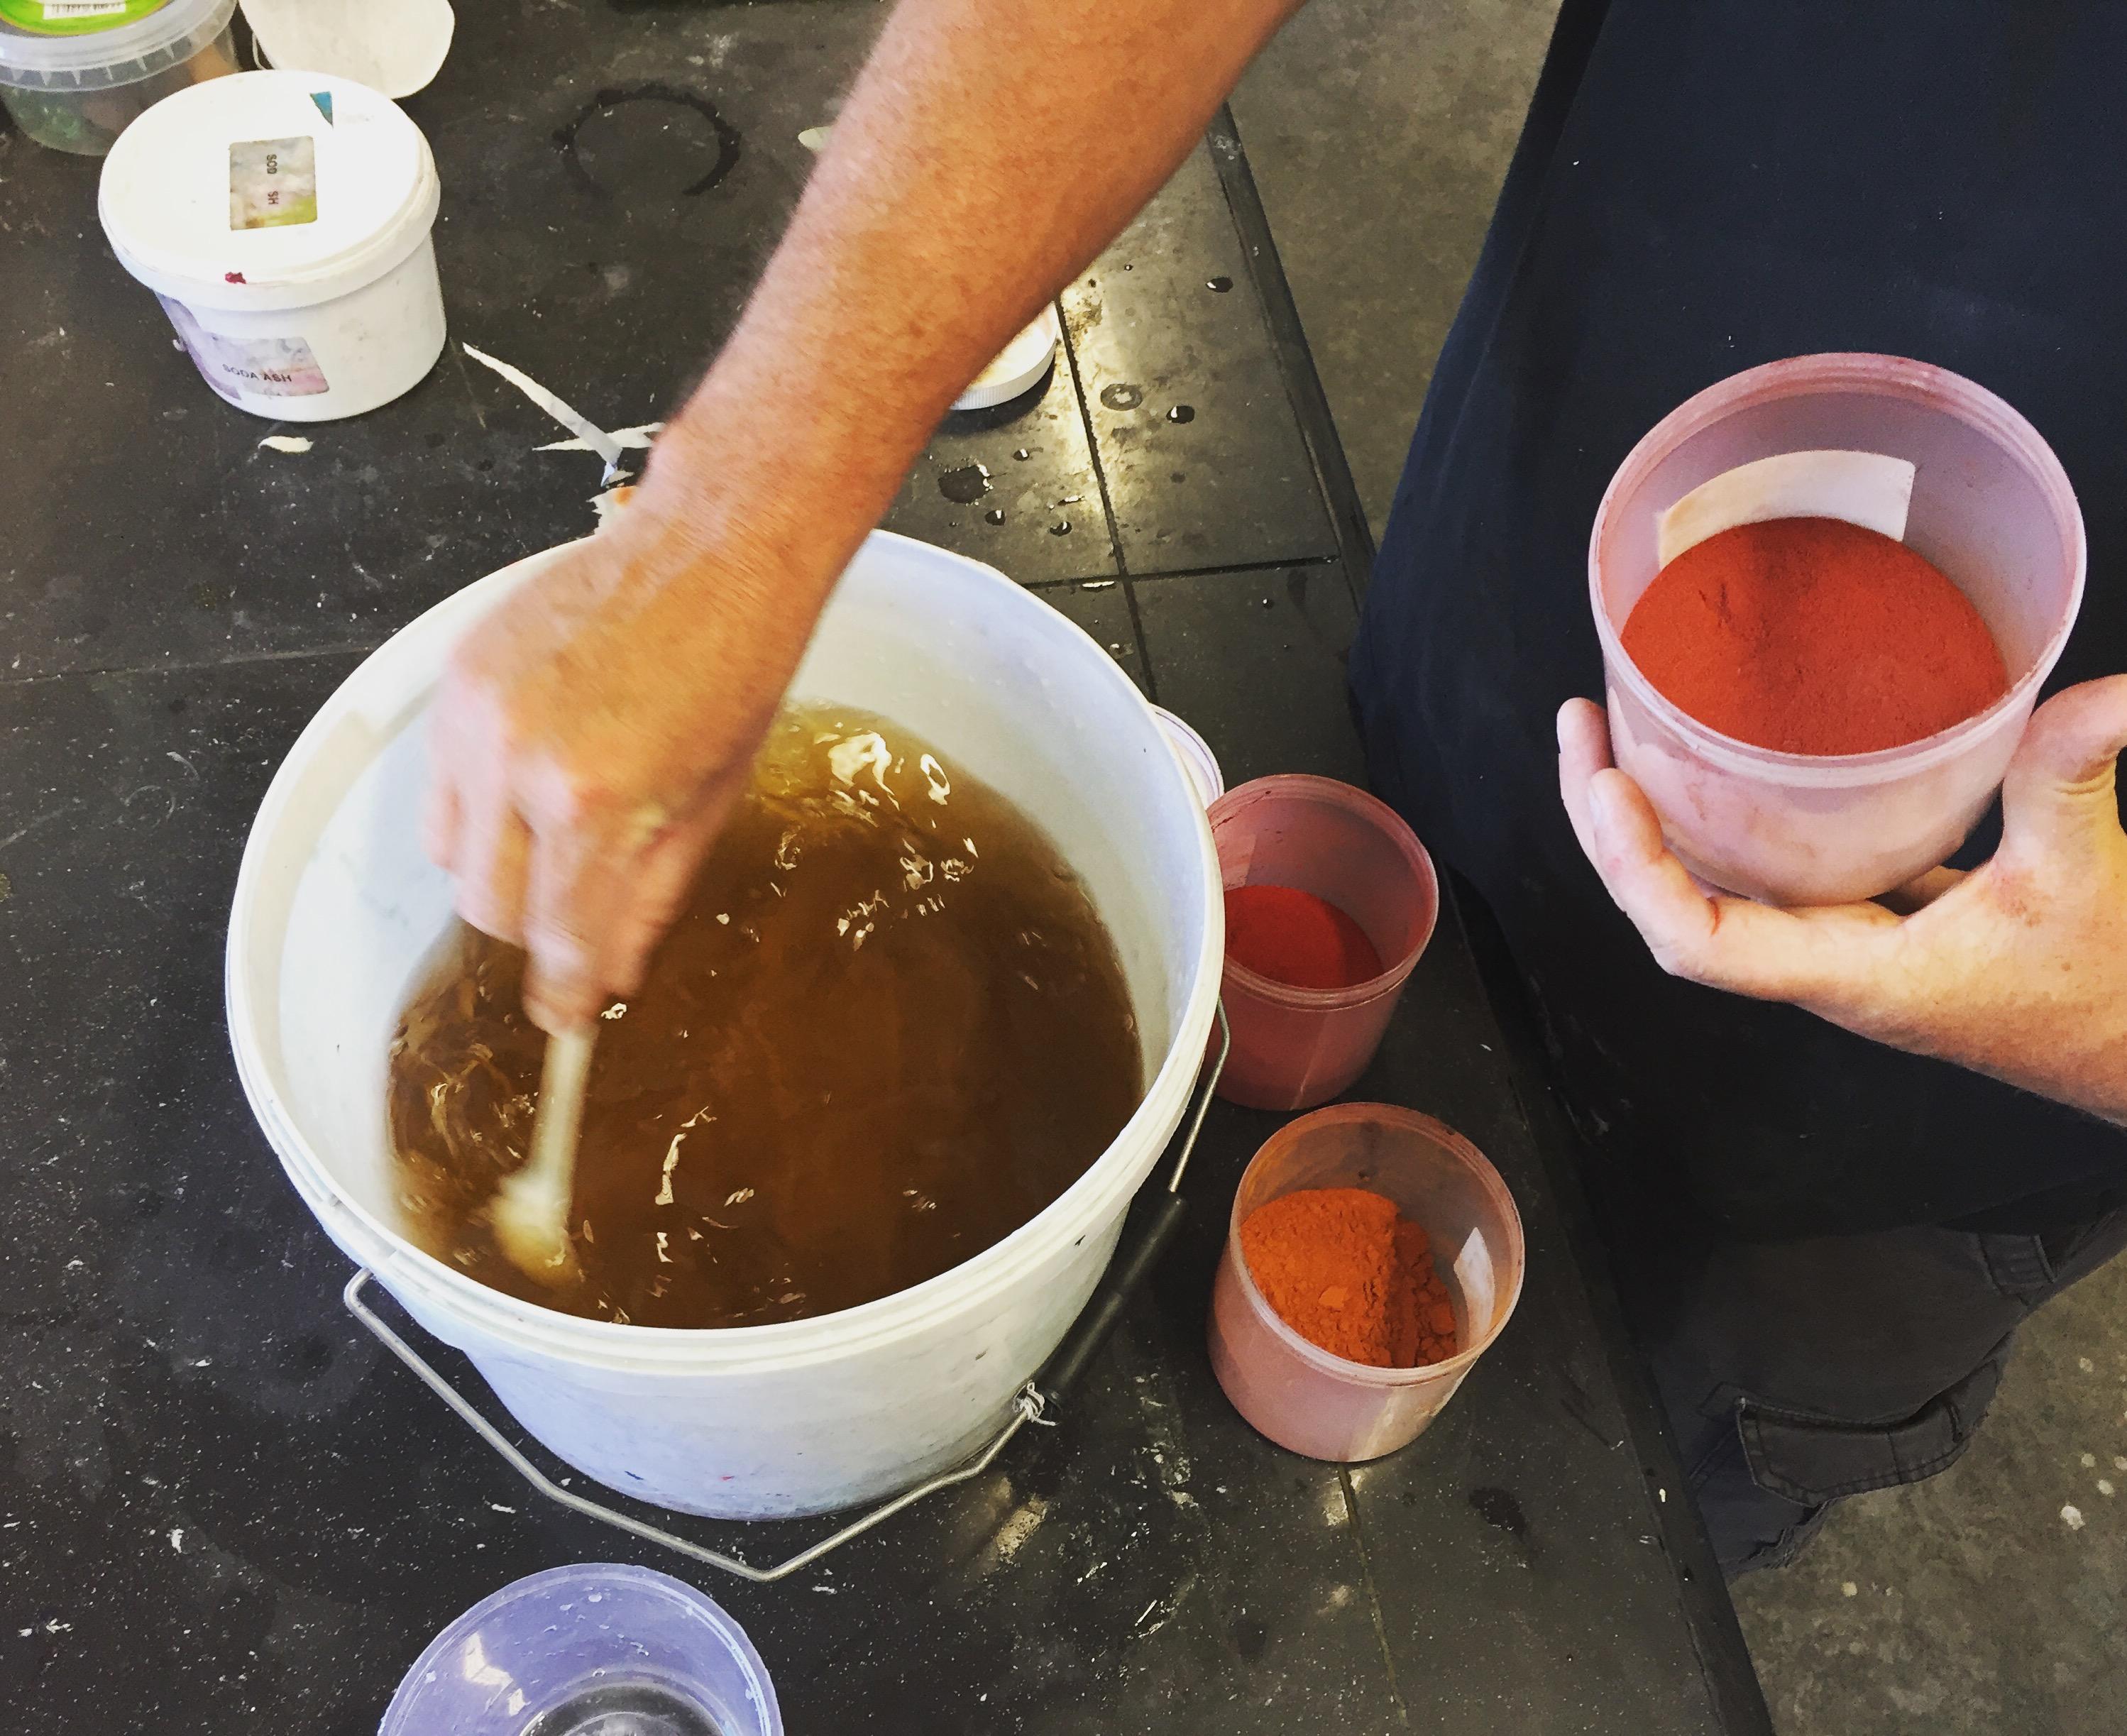 Dye testing